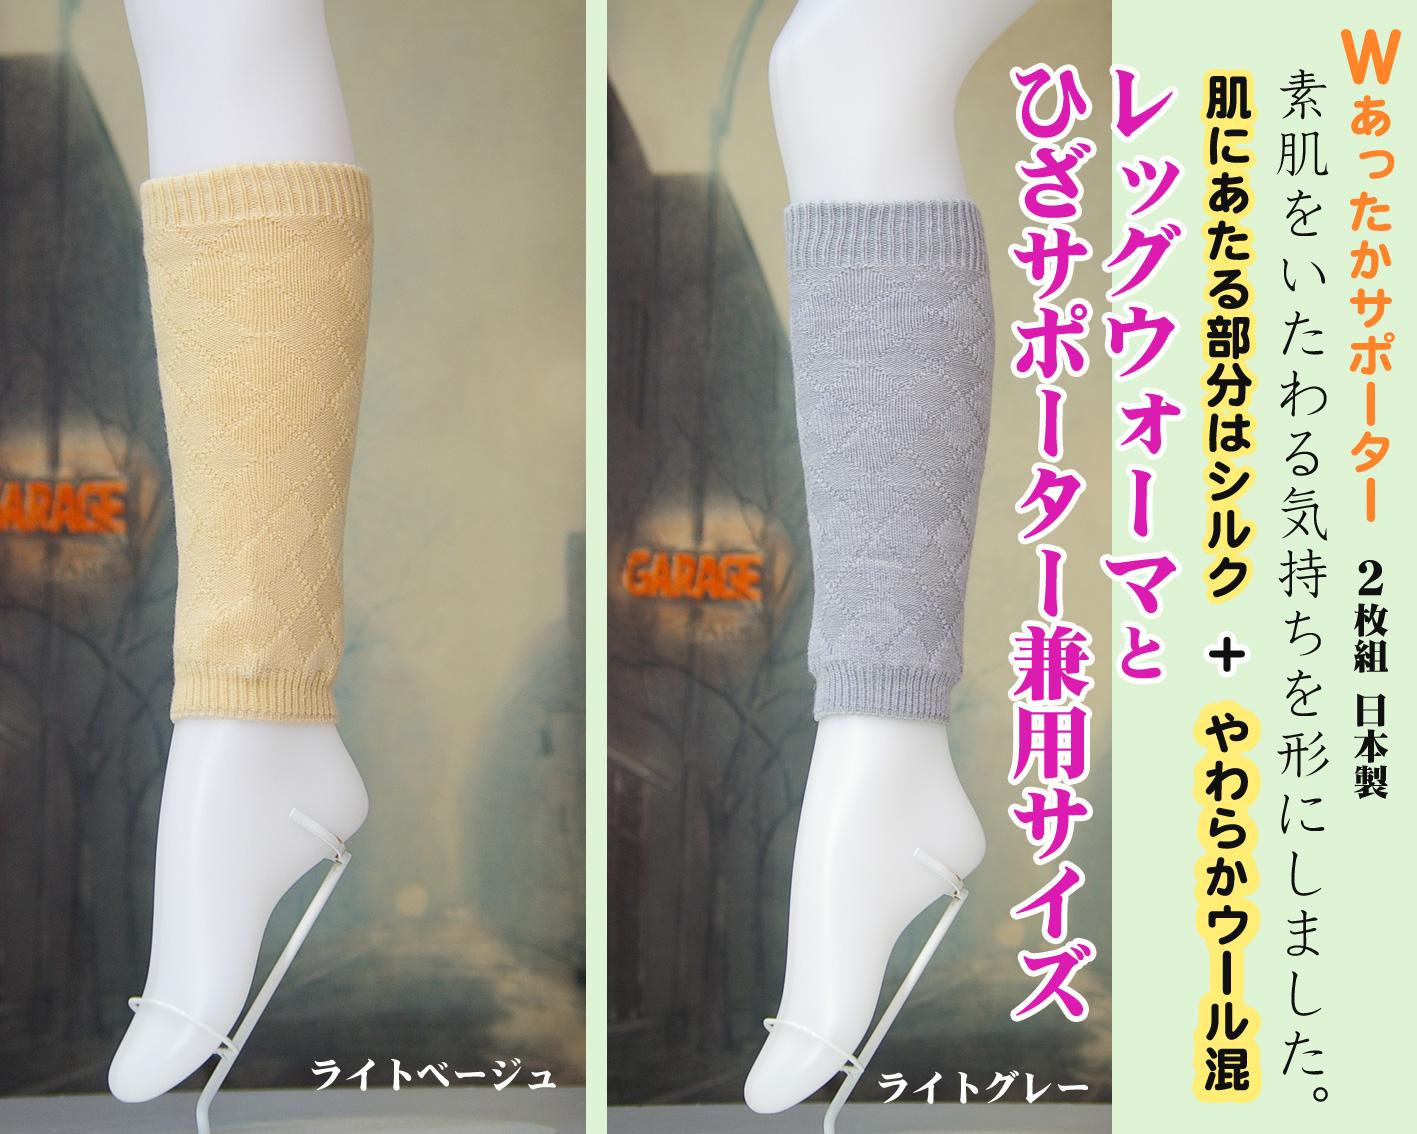 お肌に優しく暖かいとにかく体は温めましょう。 【ウール混】裏地がシルクのひざサポーター兼用レッグウォーマ。シルクの効果で関節を保温します男女兼用のフリーサイズひざ回り適合サイズ太さ22cm~48cm。日本製made in japan/冷え取り/関節痛